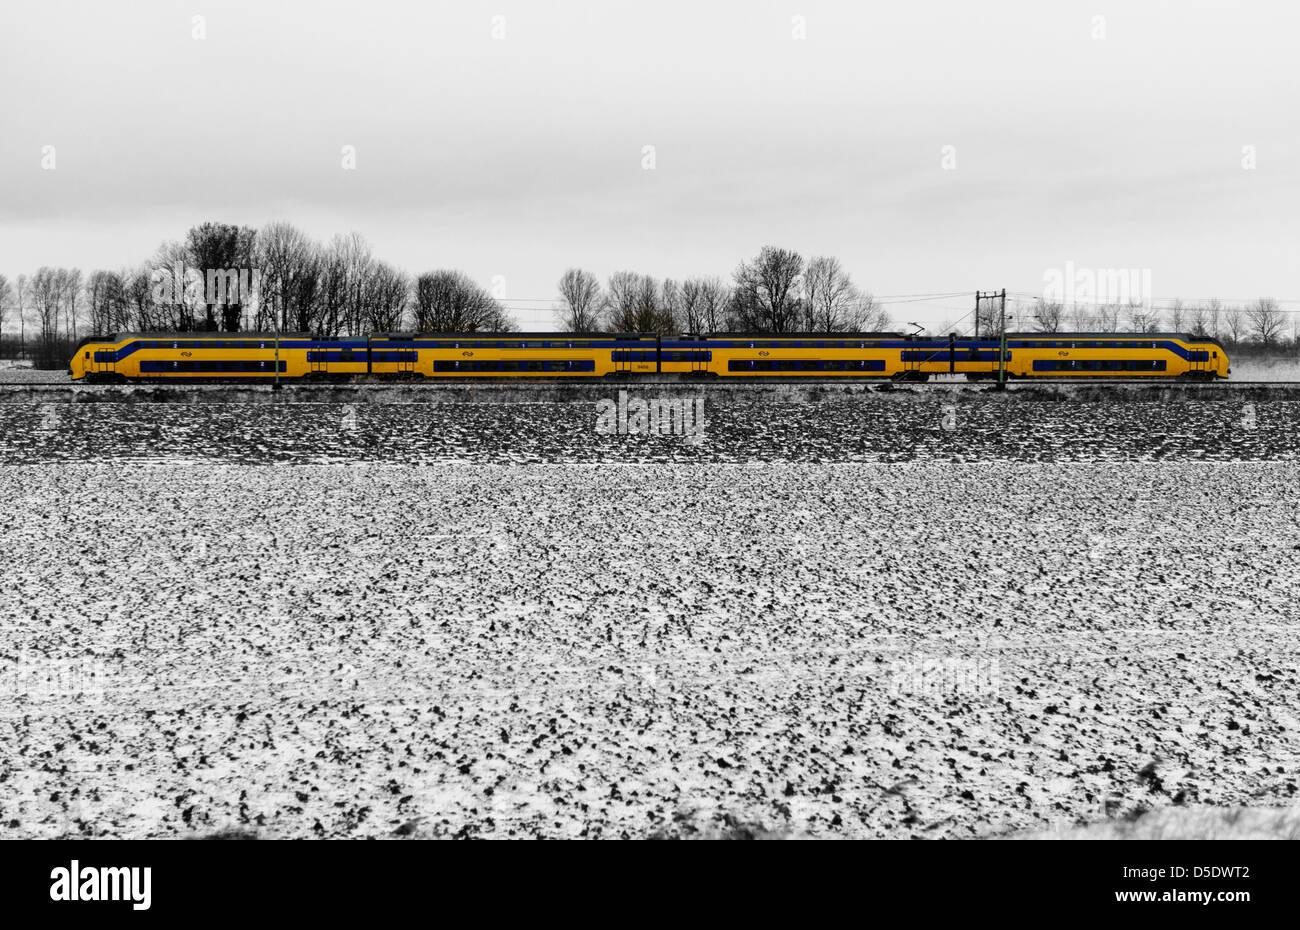 Pasando tren amarillo de los ferrocarriles holandeses en un paisaje cubierto de nieve. Zeeland, Holanda. B/W Imagen De Stock